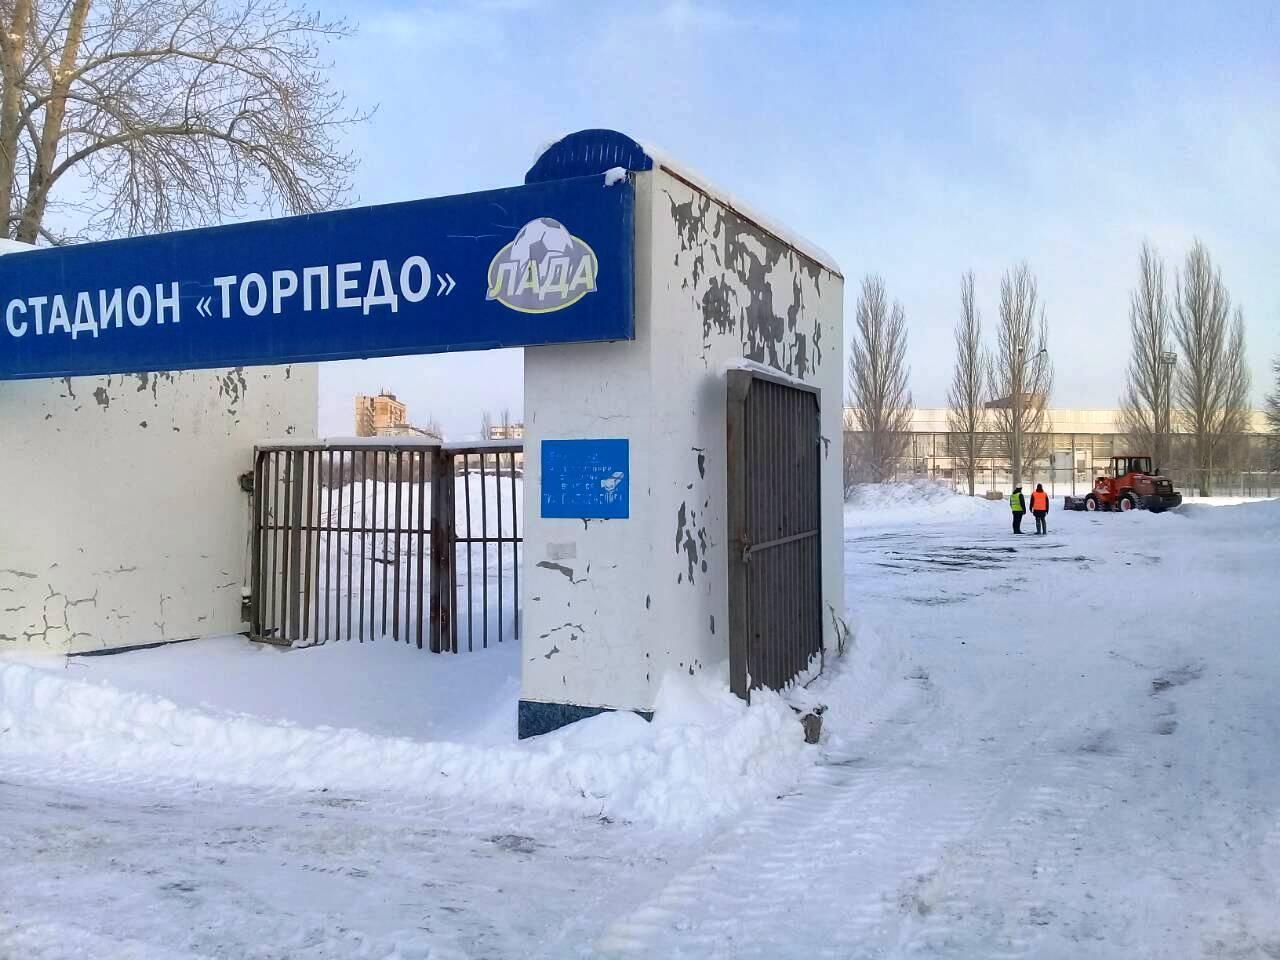 У стадиона «Торпедо» начали строить современный легкоатлетический манеж